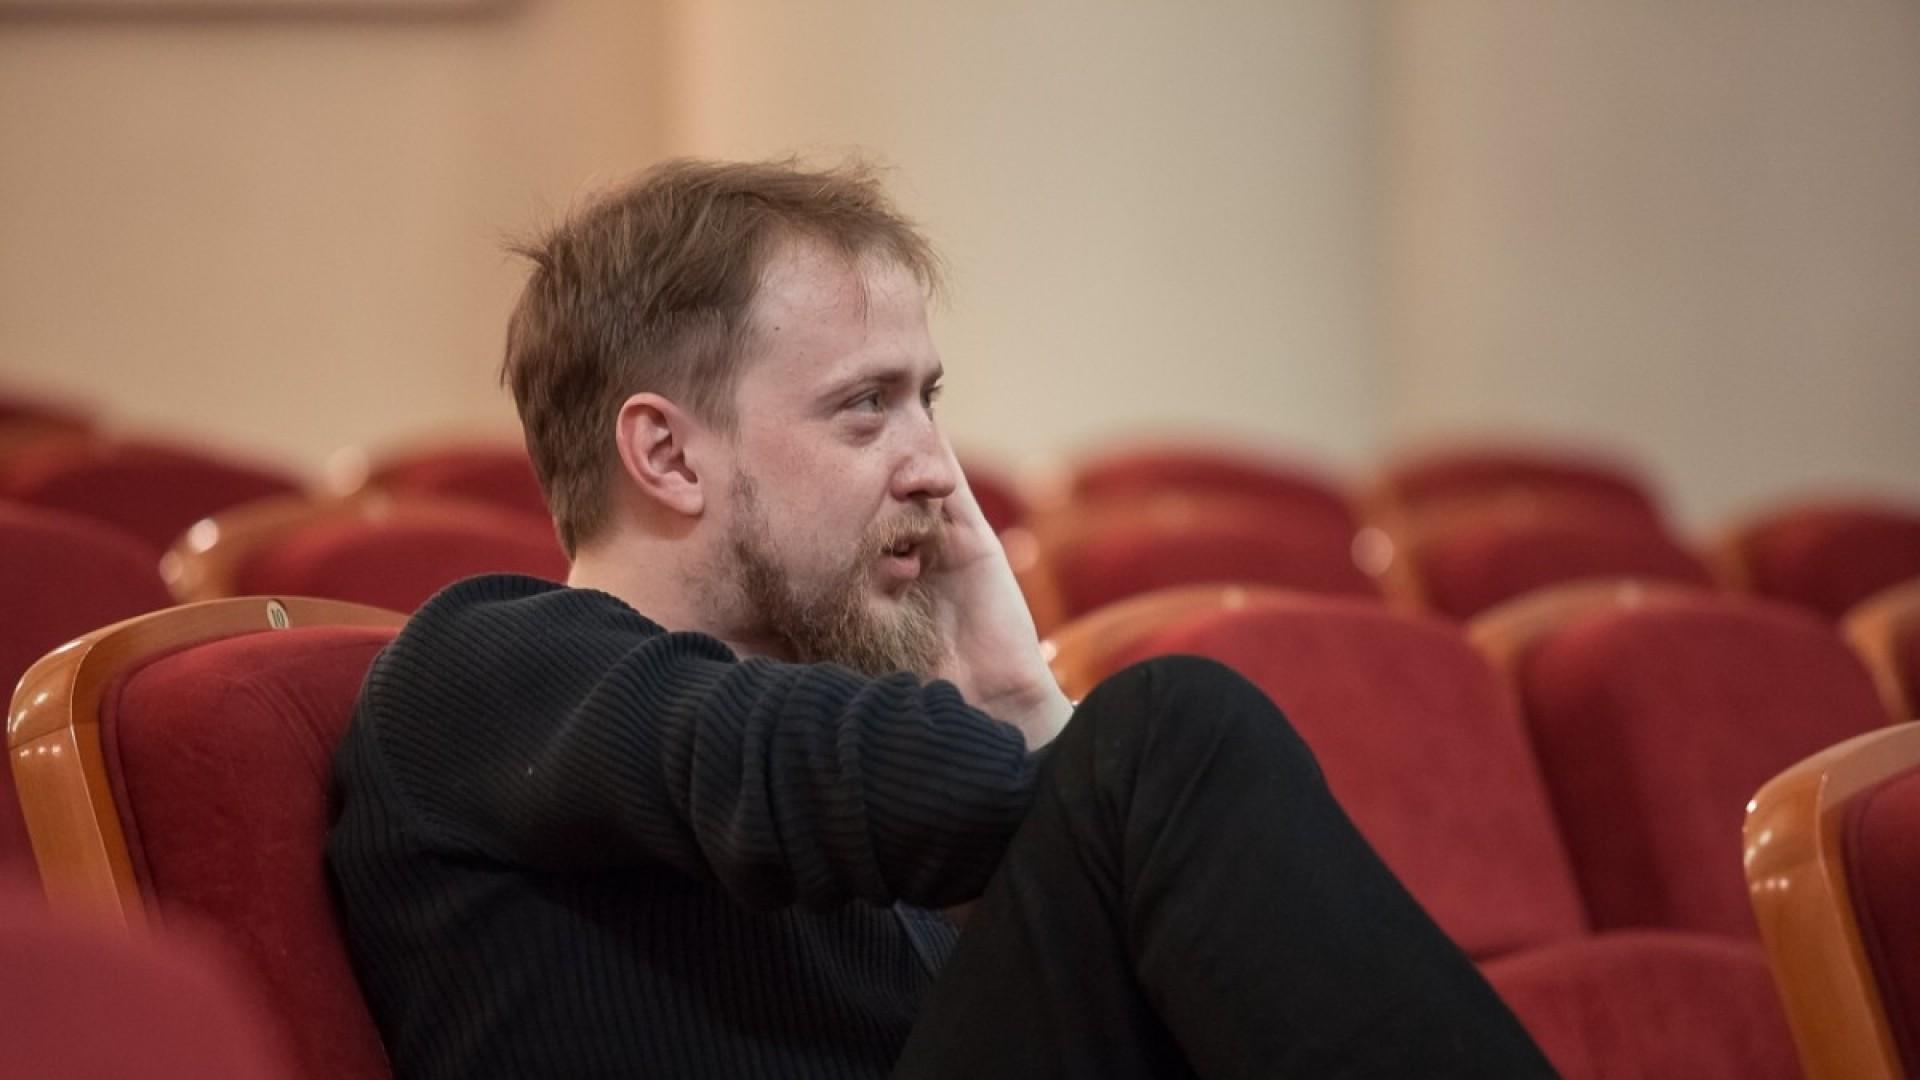 Режиссер Дмитрий Егоров: «Если актер не инфицирован темой — работать с ним практически невозможно»